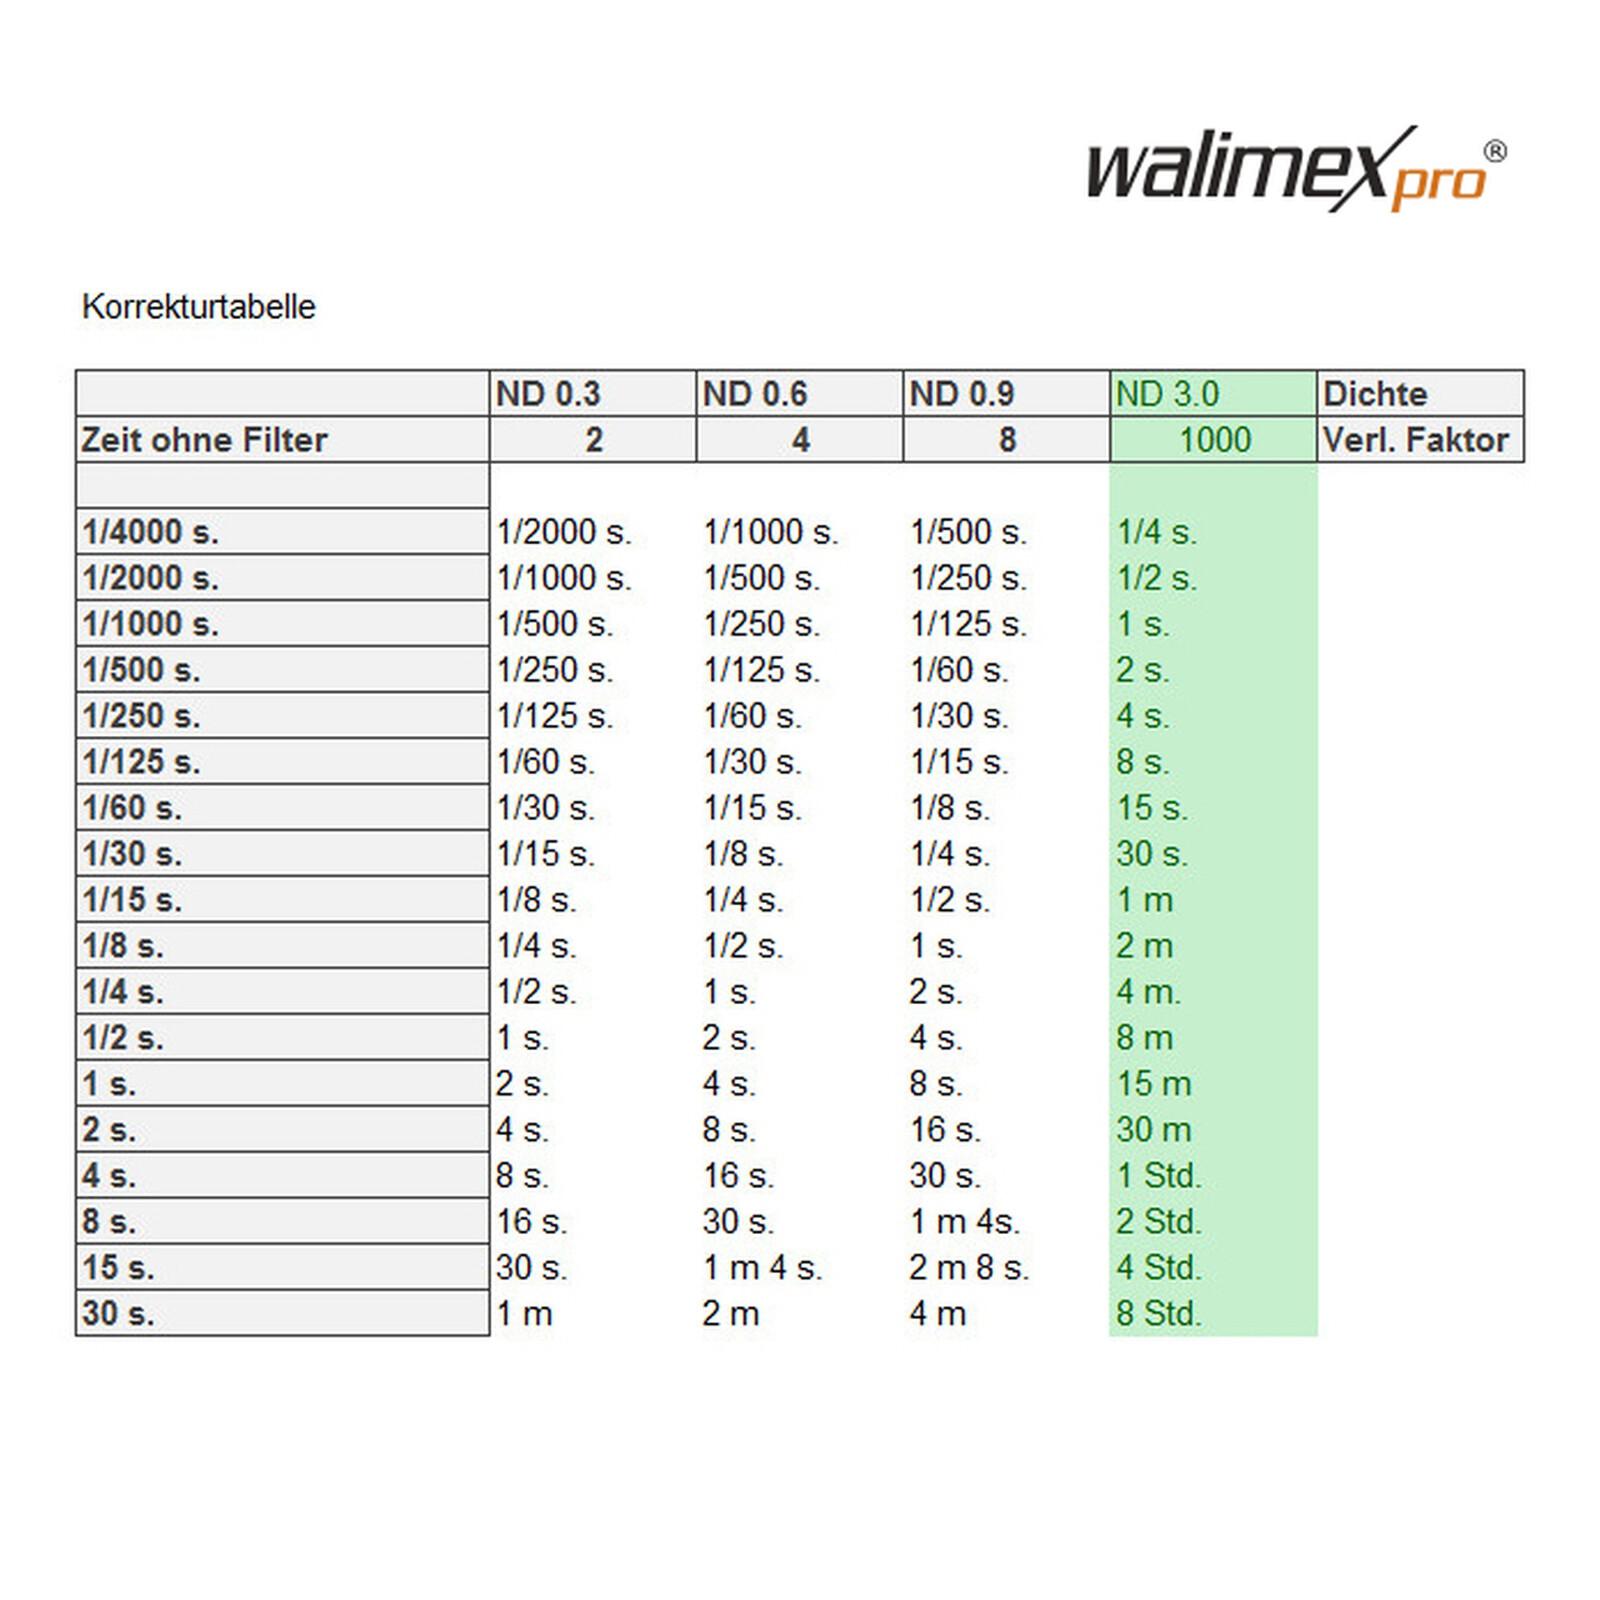 walimex pro Graufilter Komplett Set 55 mm